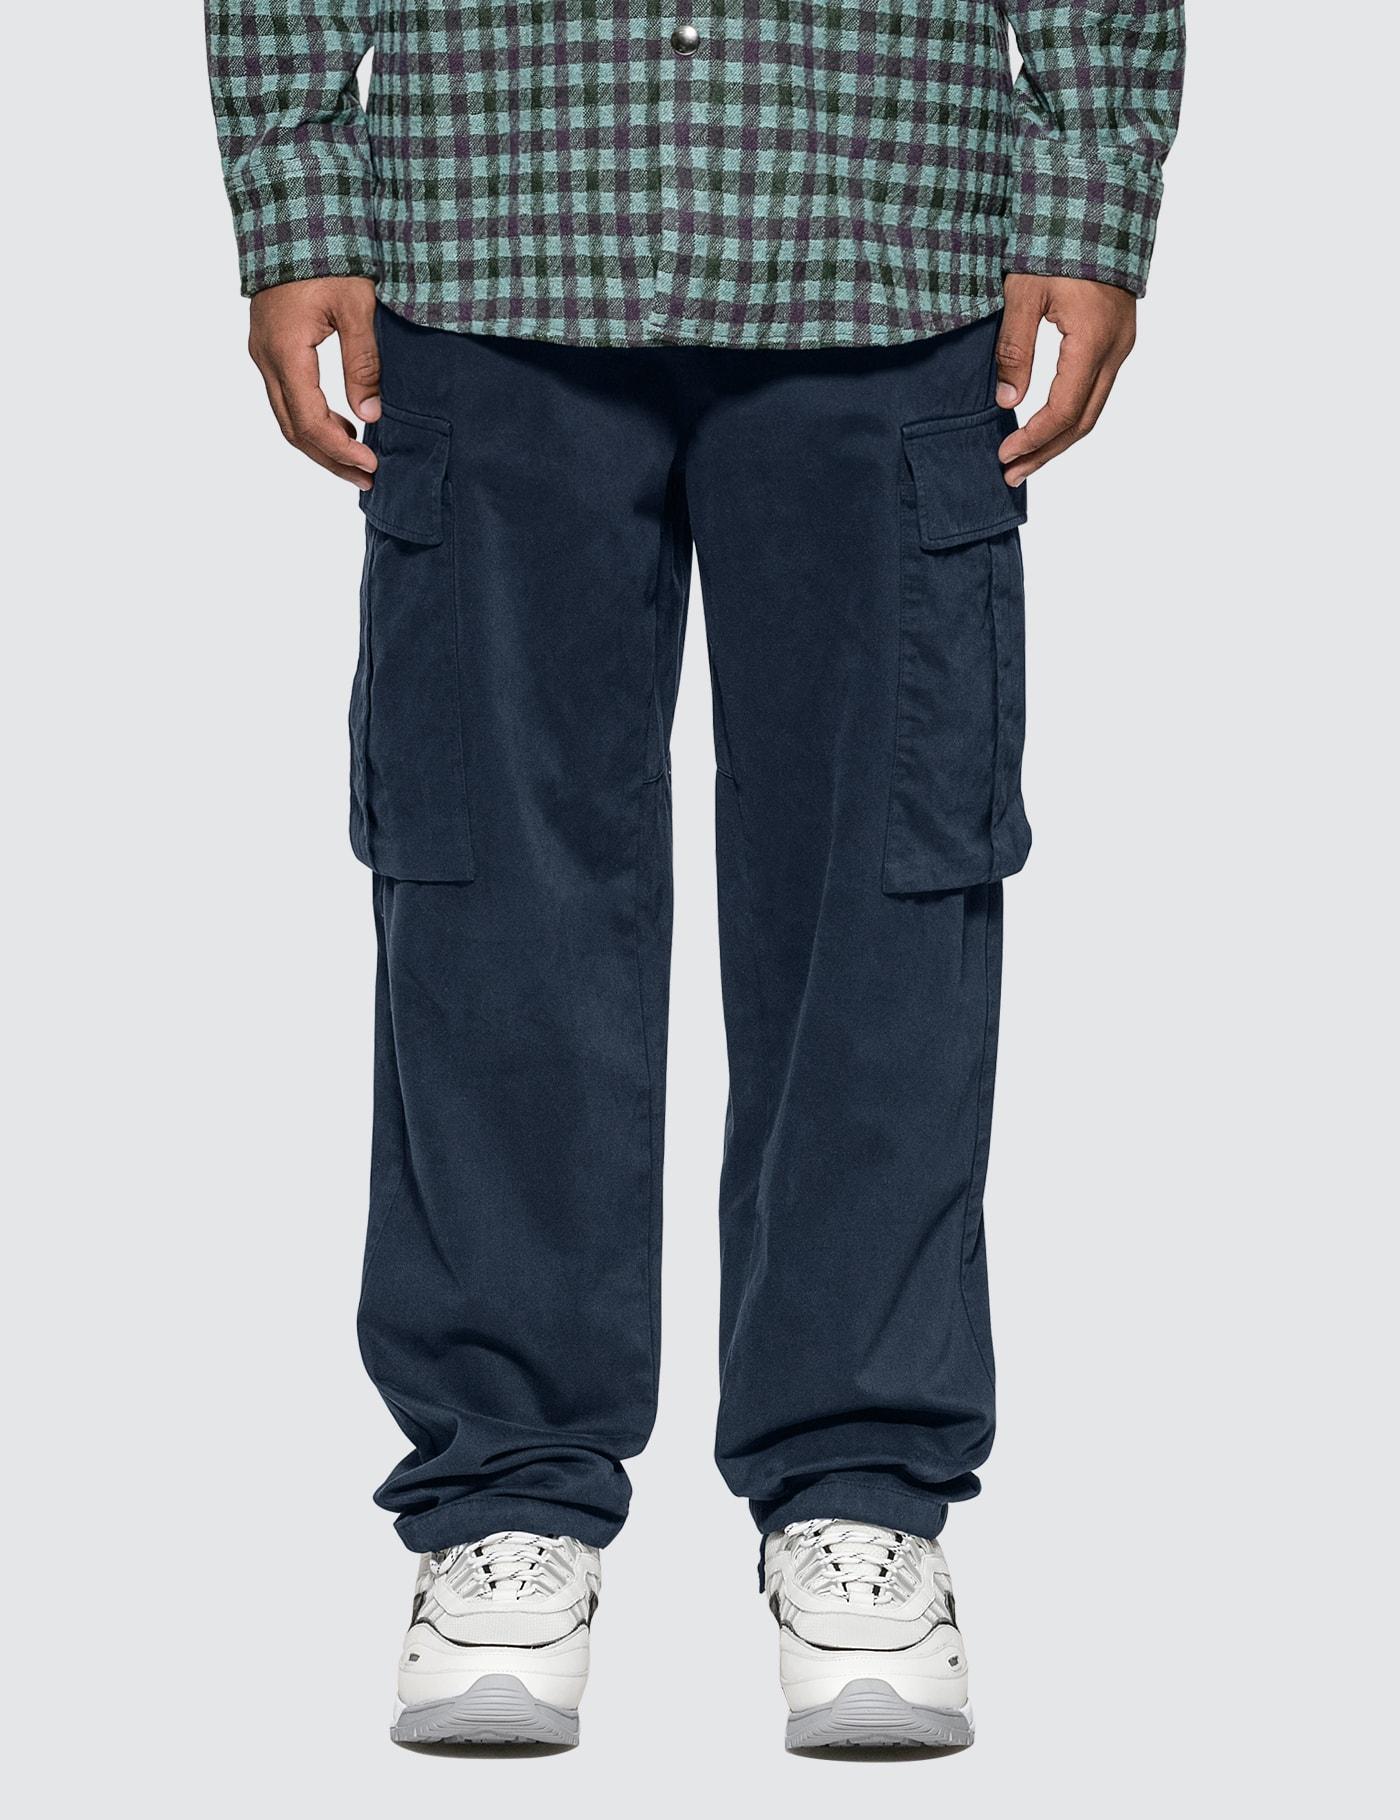 Chino Cargo Pants